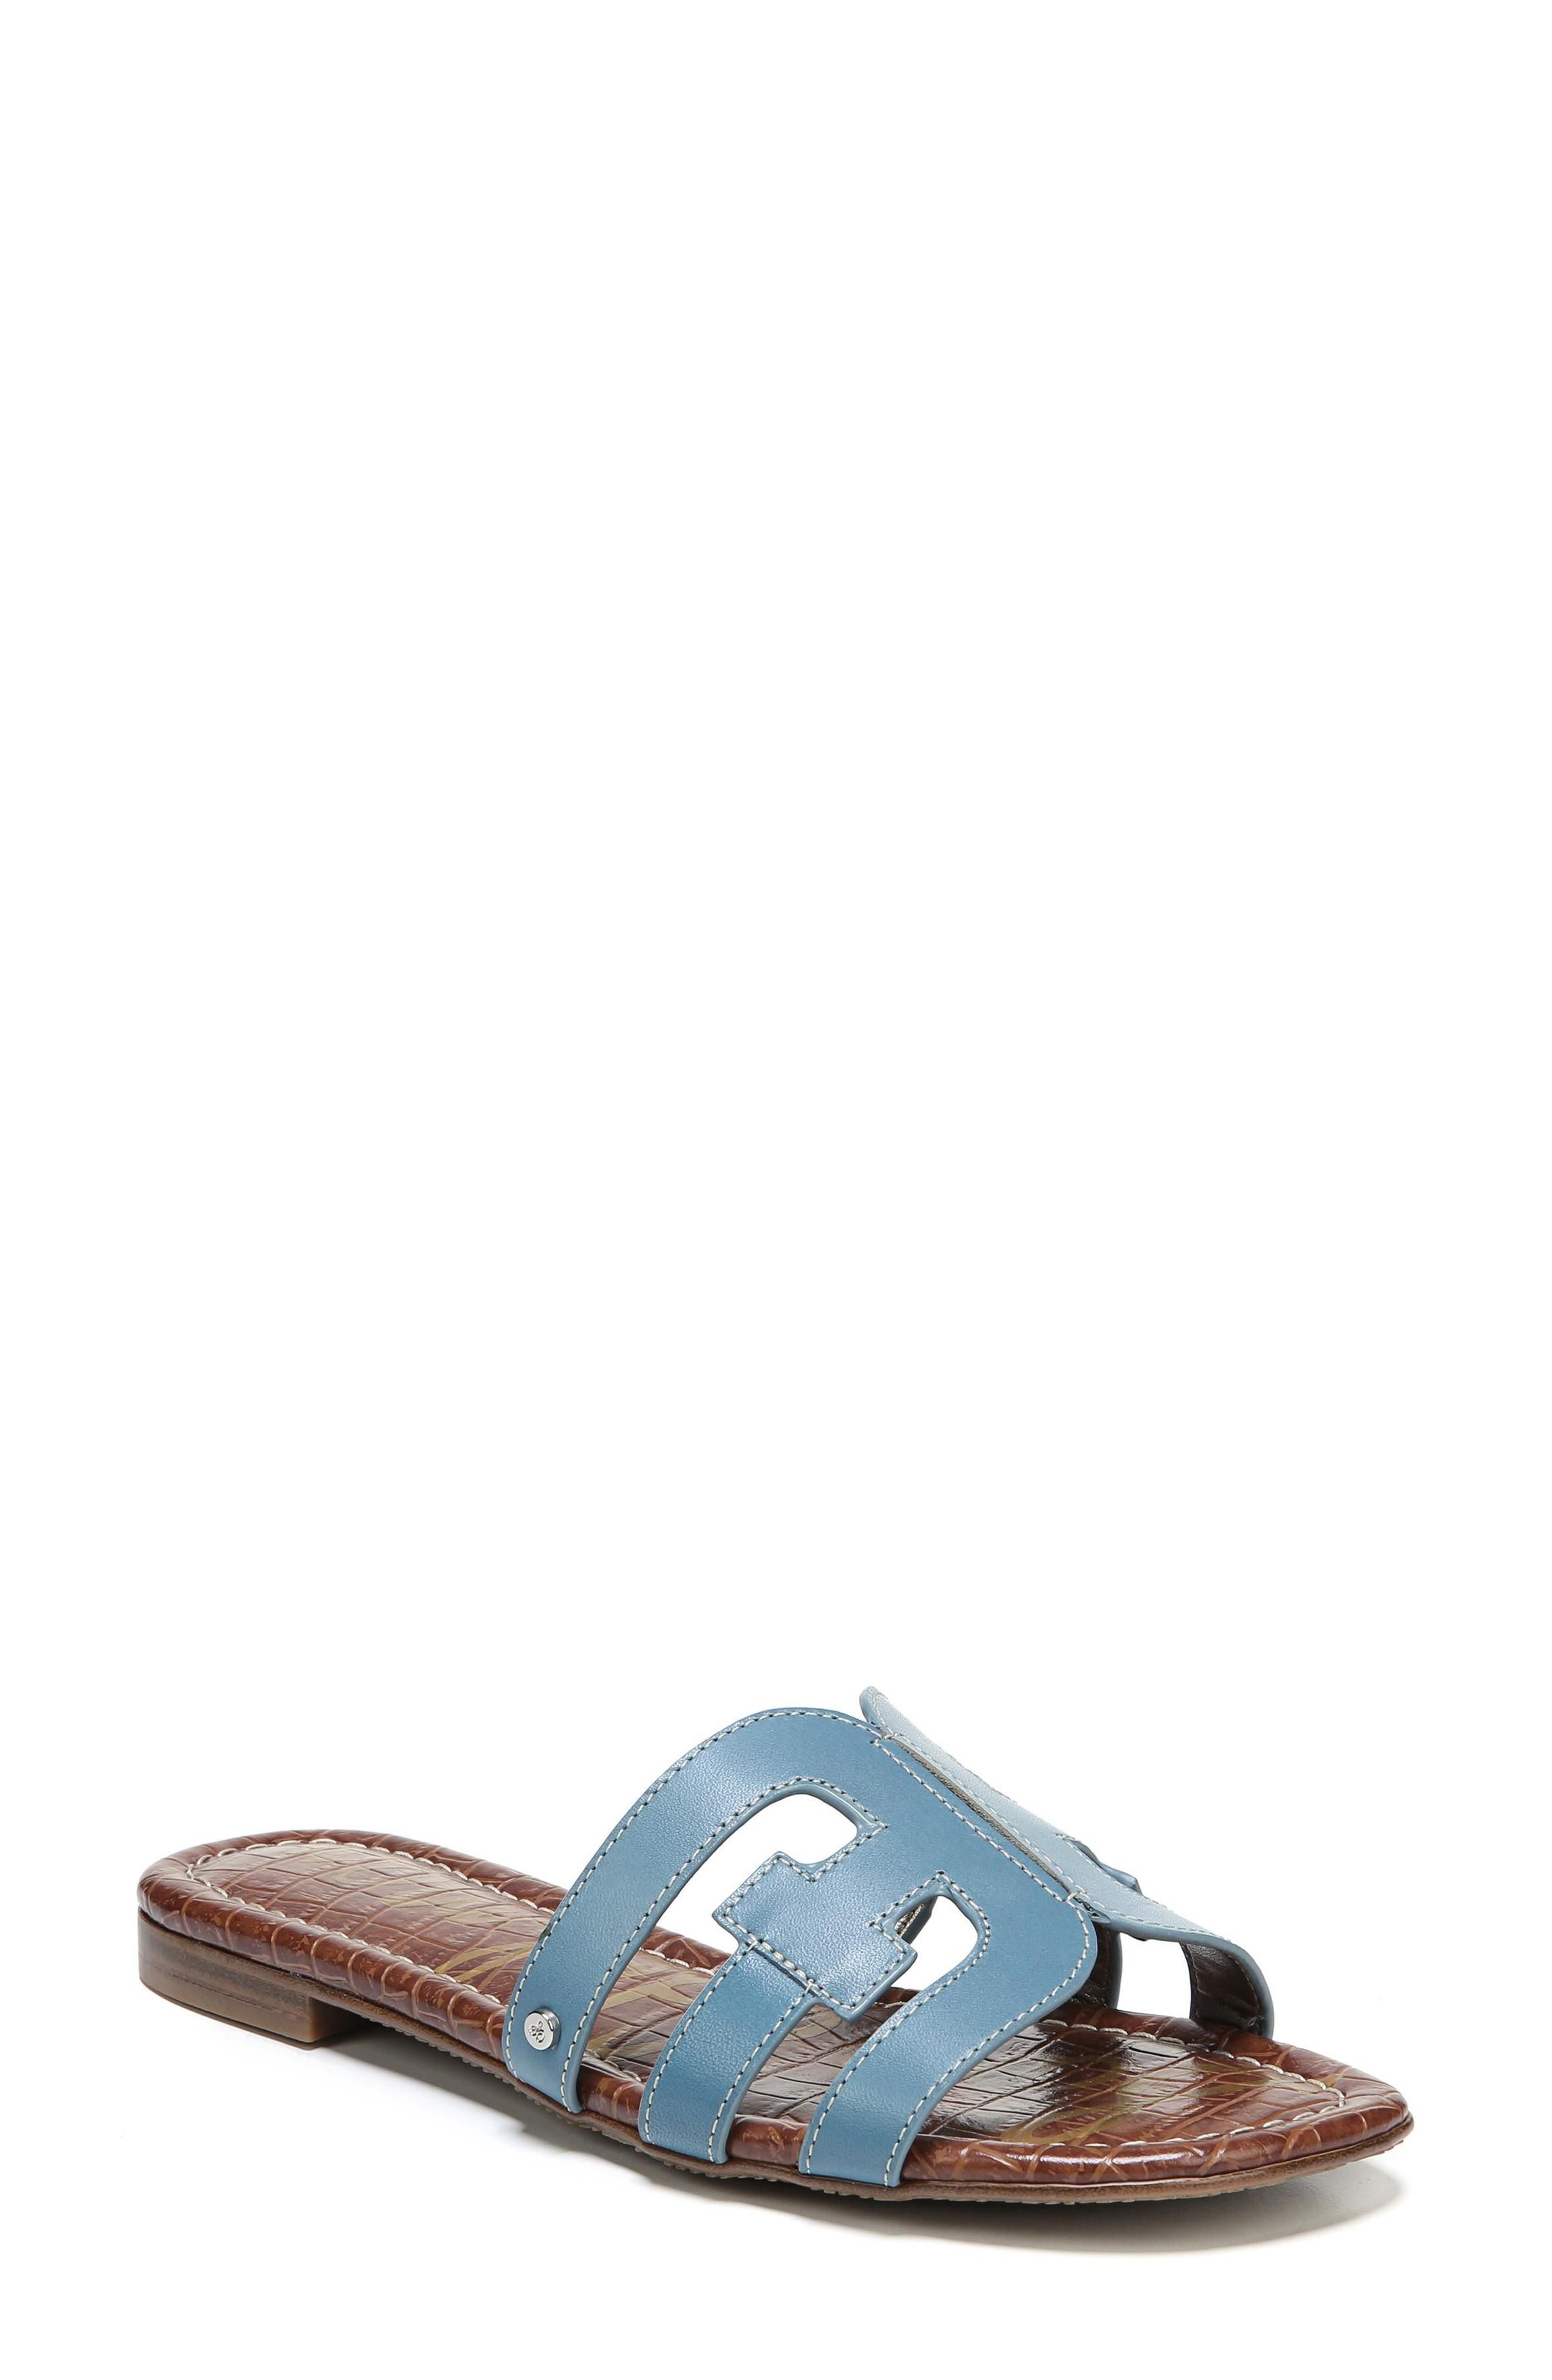 02a82269a02a Sam Edelman Bay Cutout Slide Sandal In Denim Blue